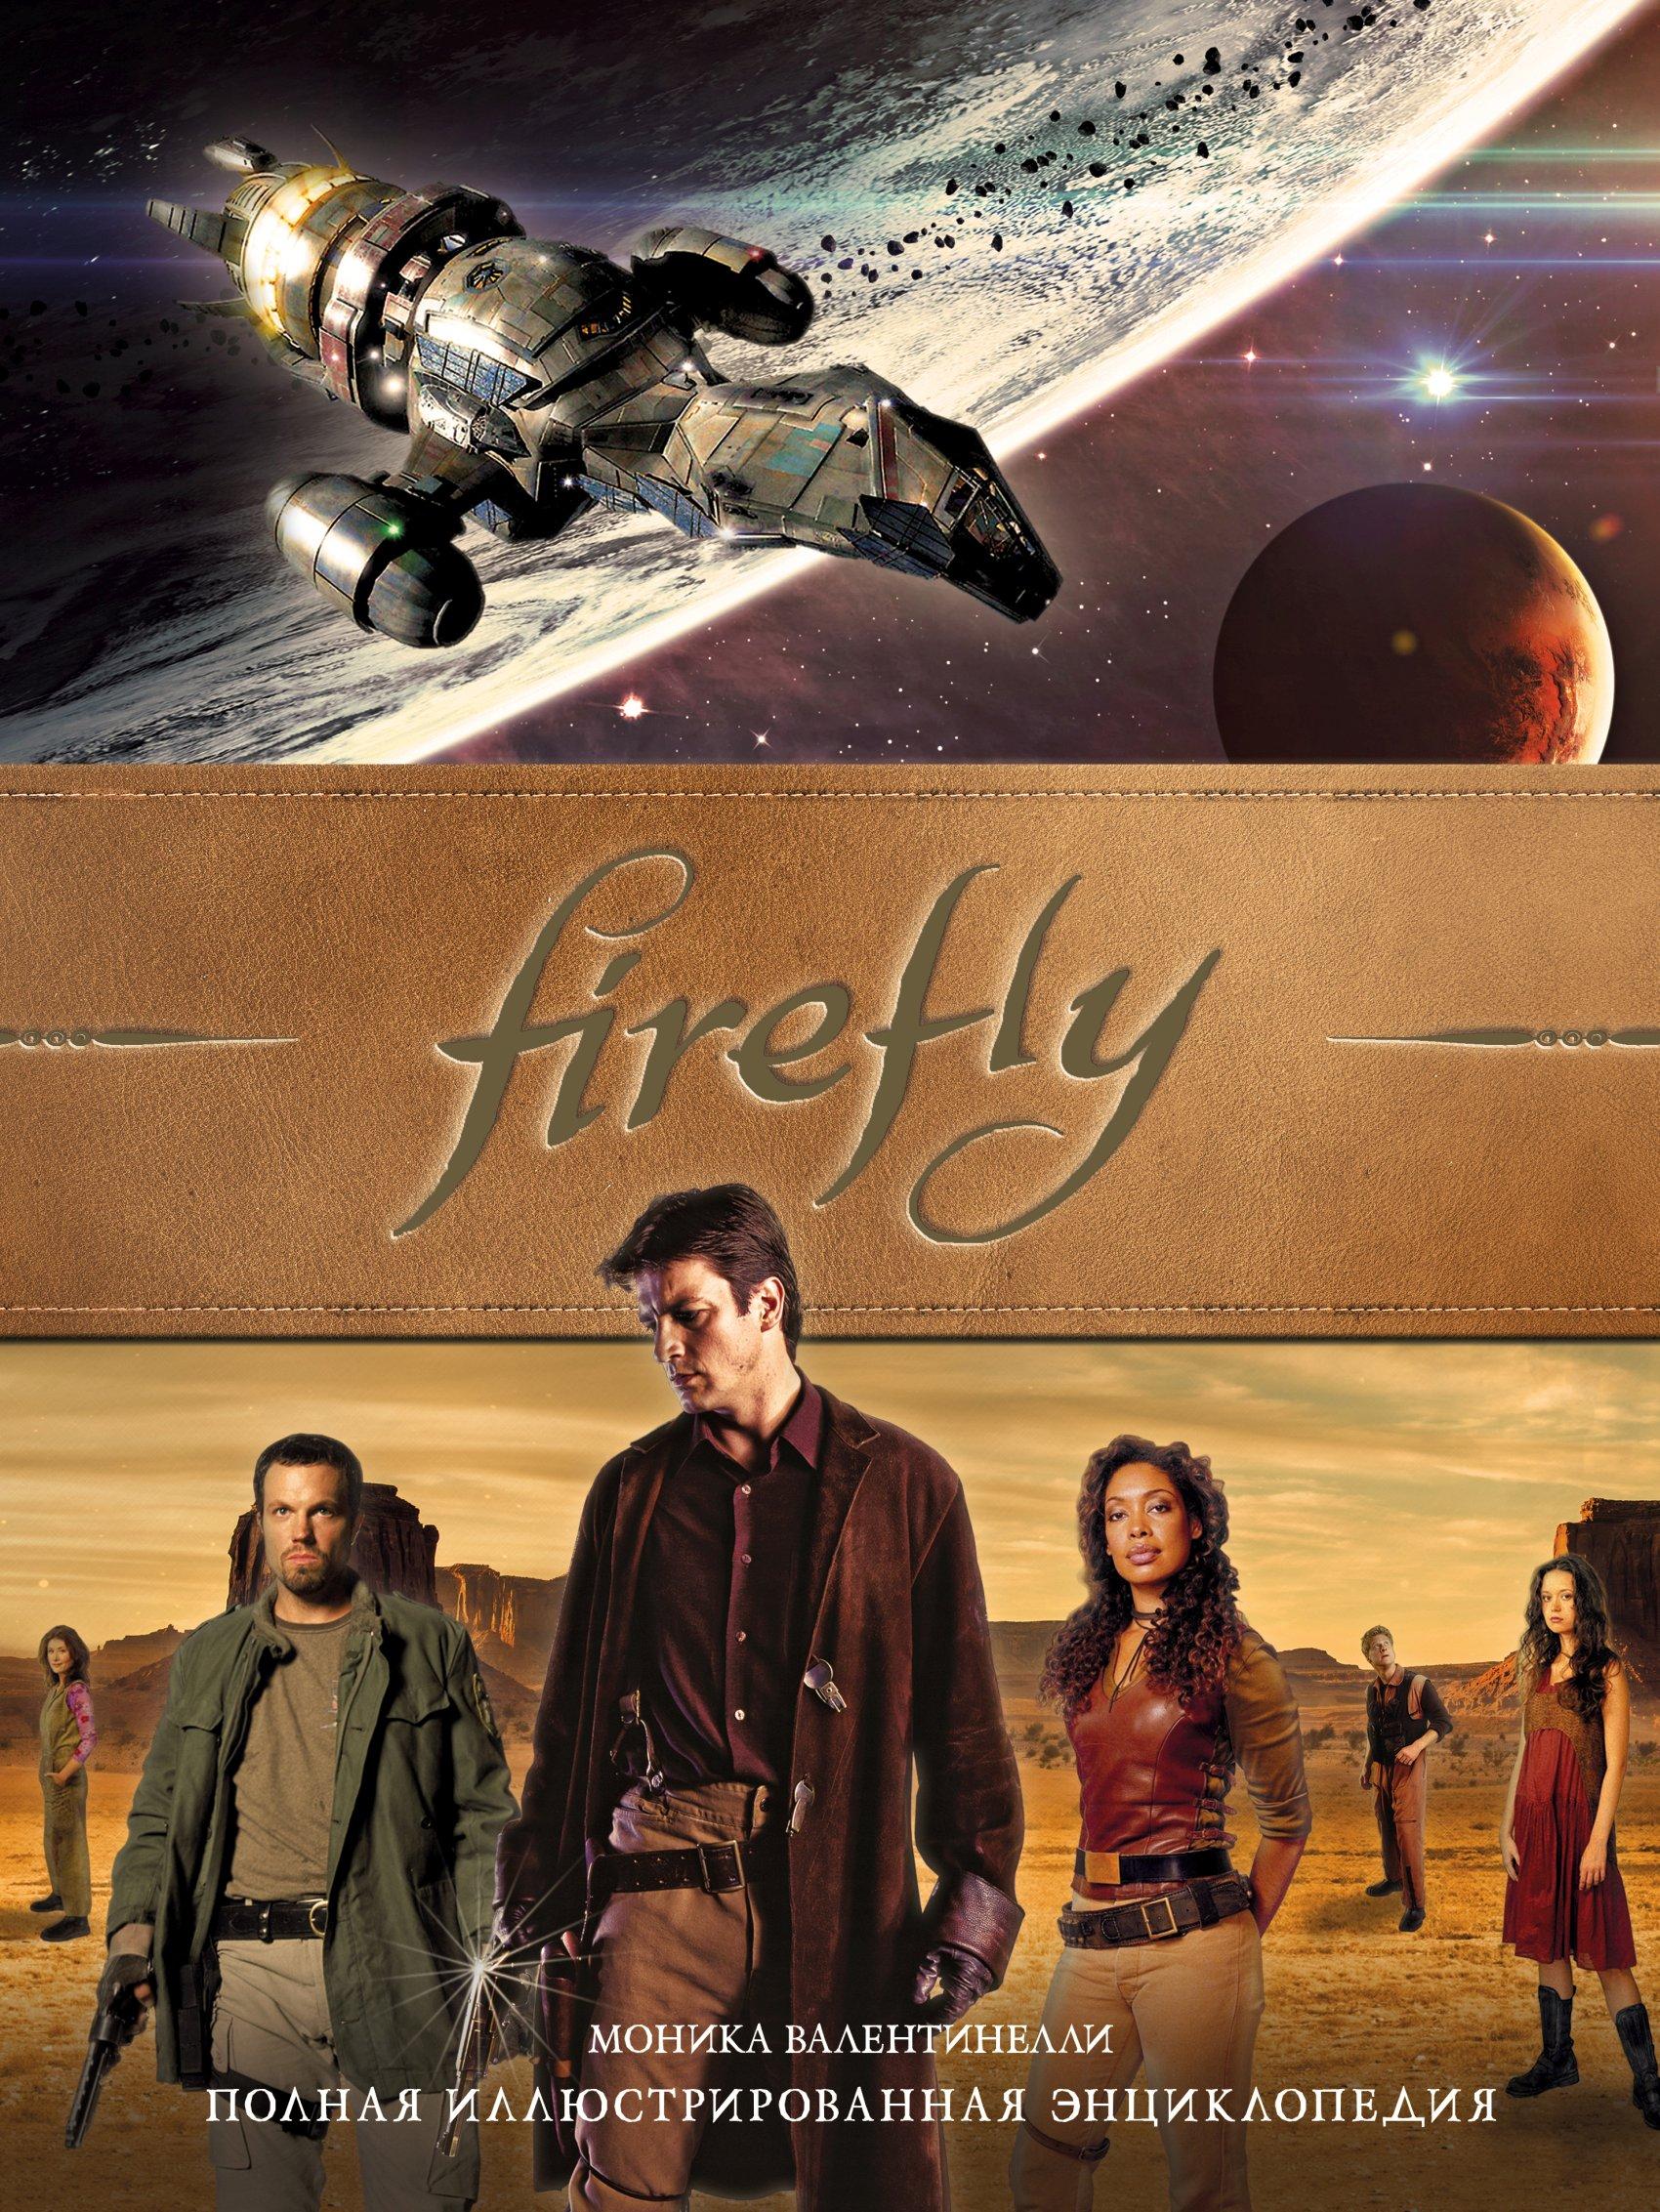 Купить книгу Firefly. Полная иллюстрированная энциклопедия, автора